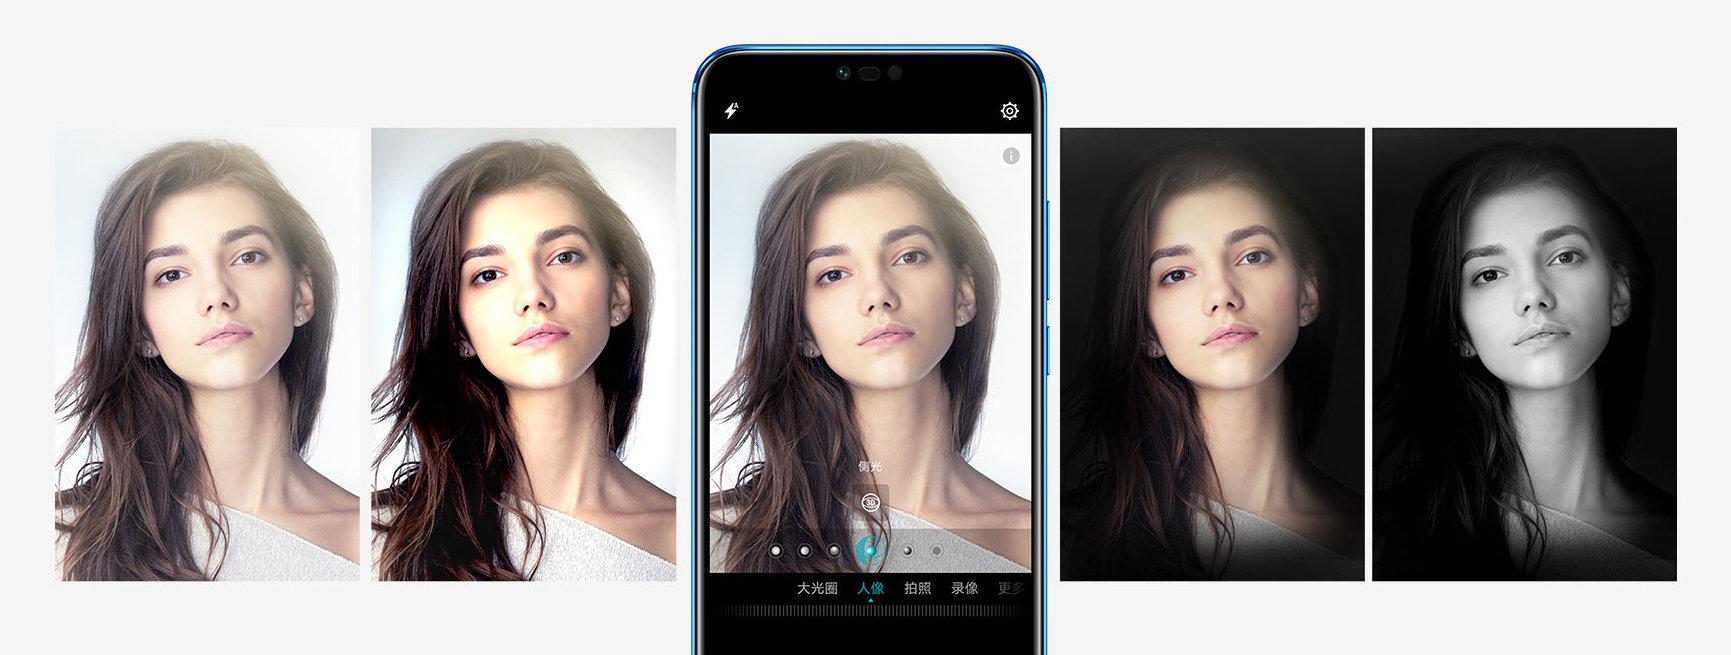 3D-Porträt ähnlich wie beim iPhone X